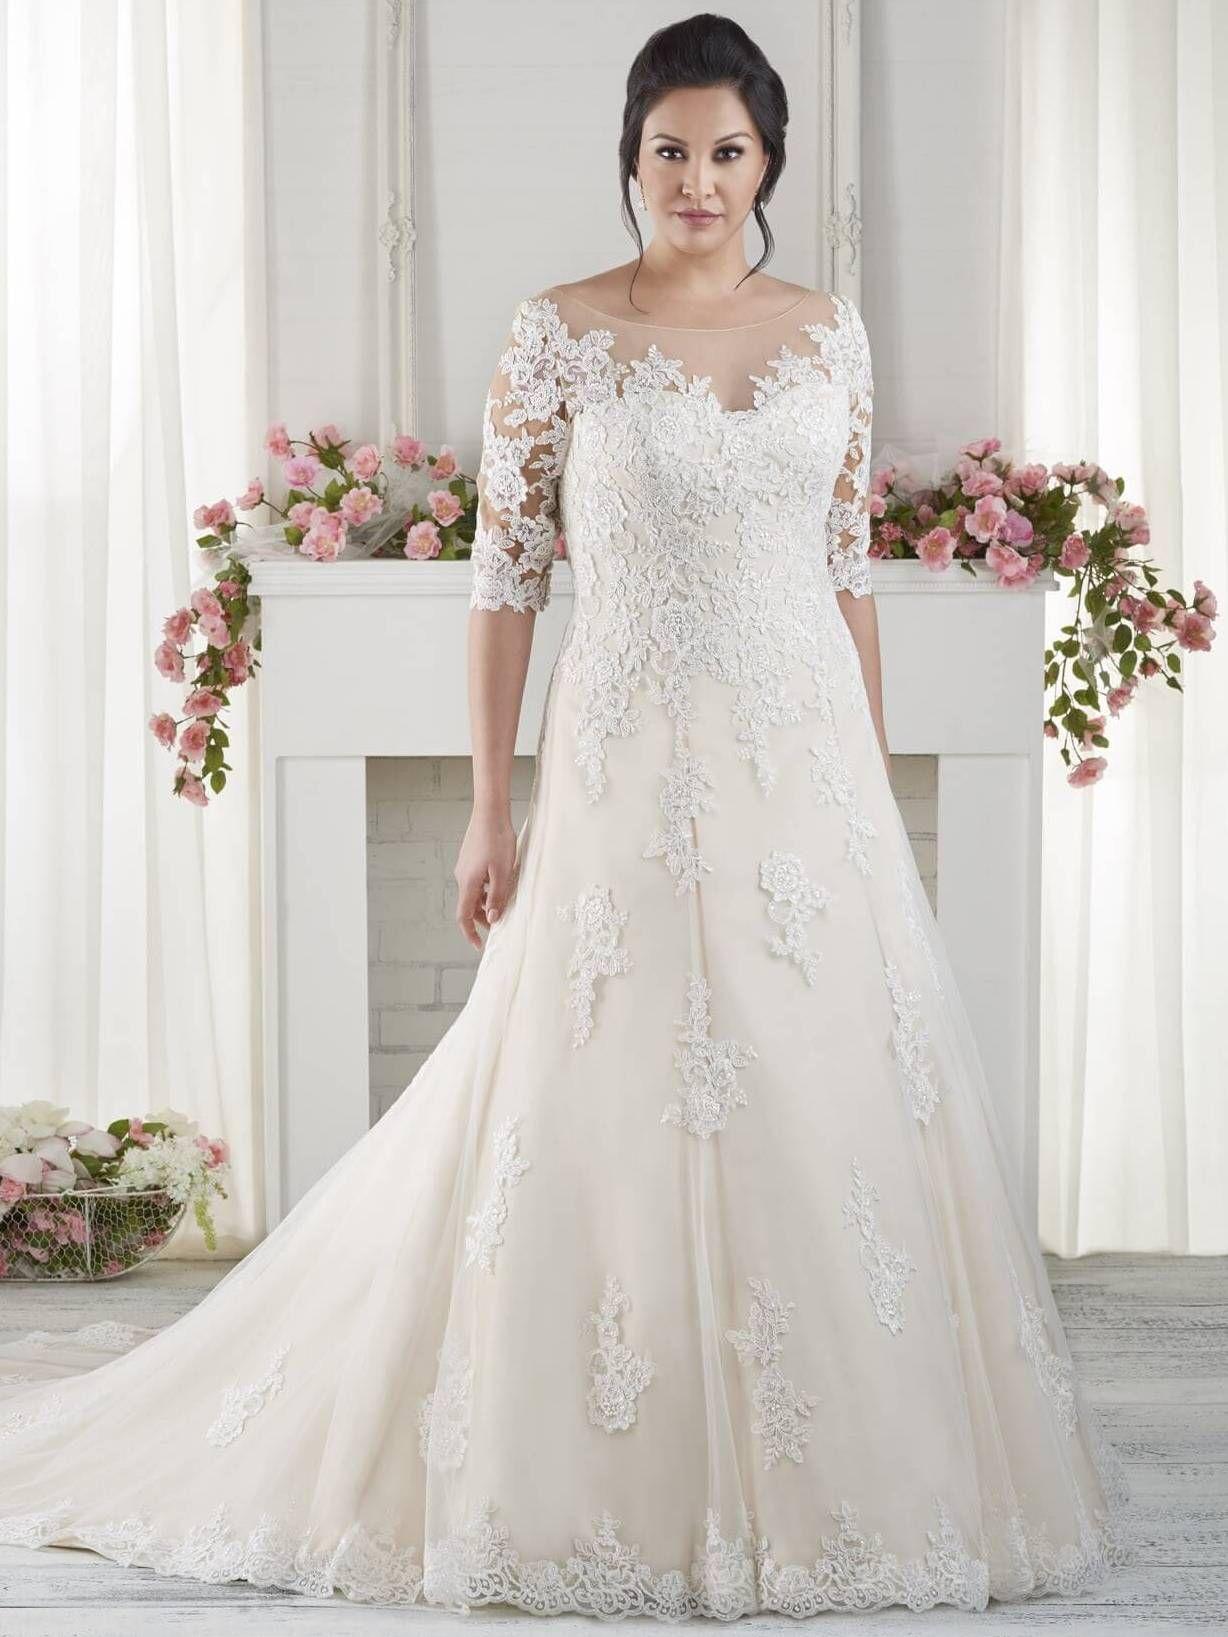 Wedding Dresses For Older Brides Plus Size Wedding Gowns Older Bride Second Wedding Dresses [ 1637 x 1228 Pixel ]